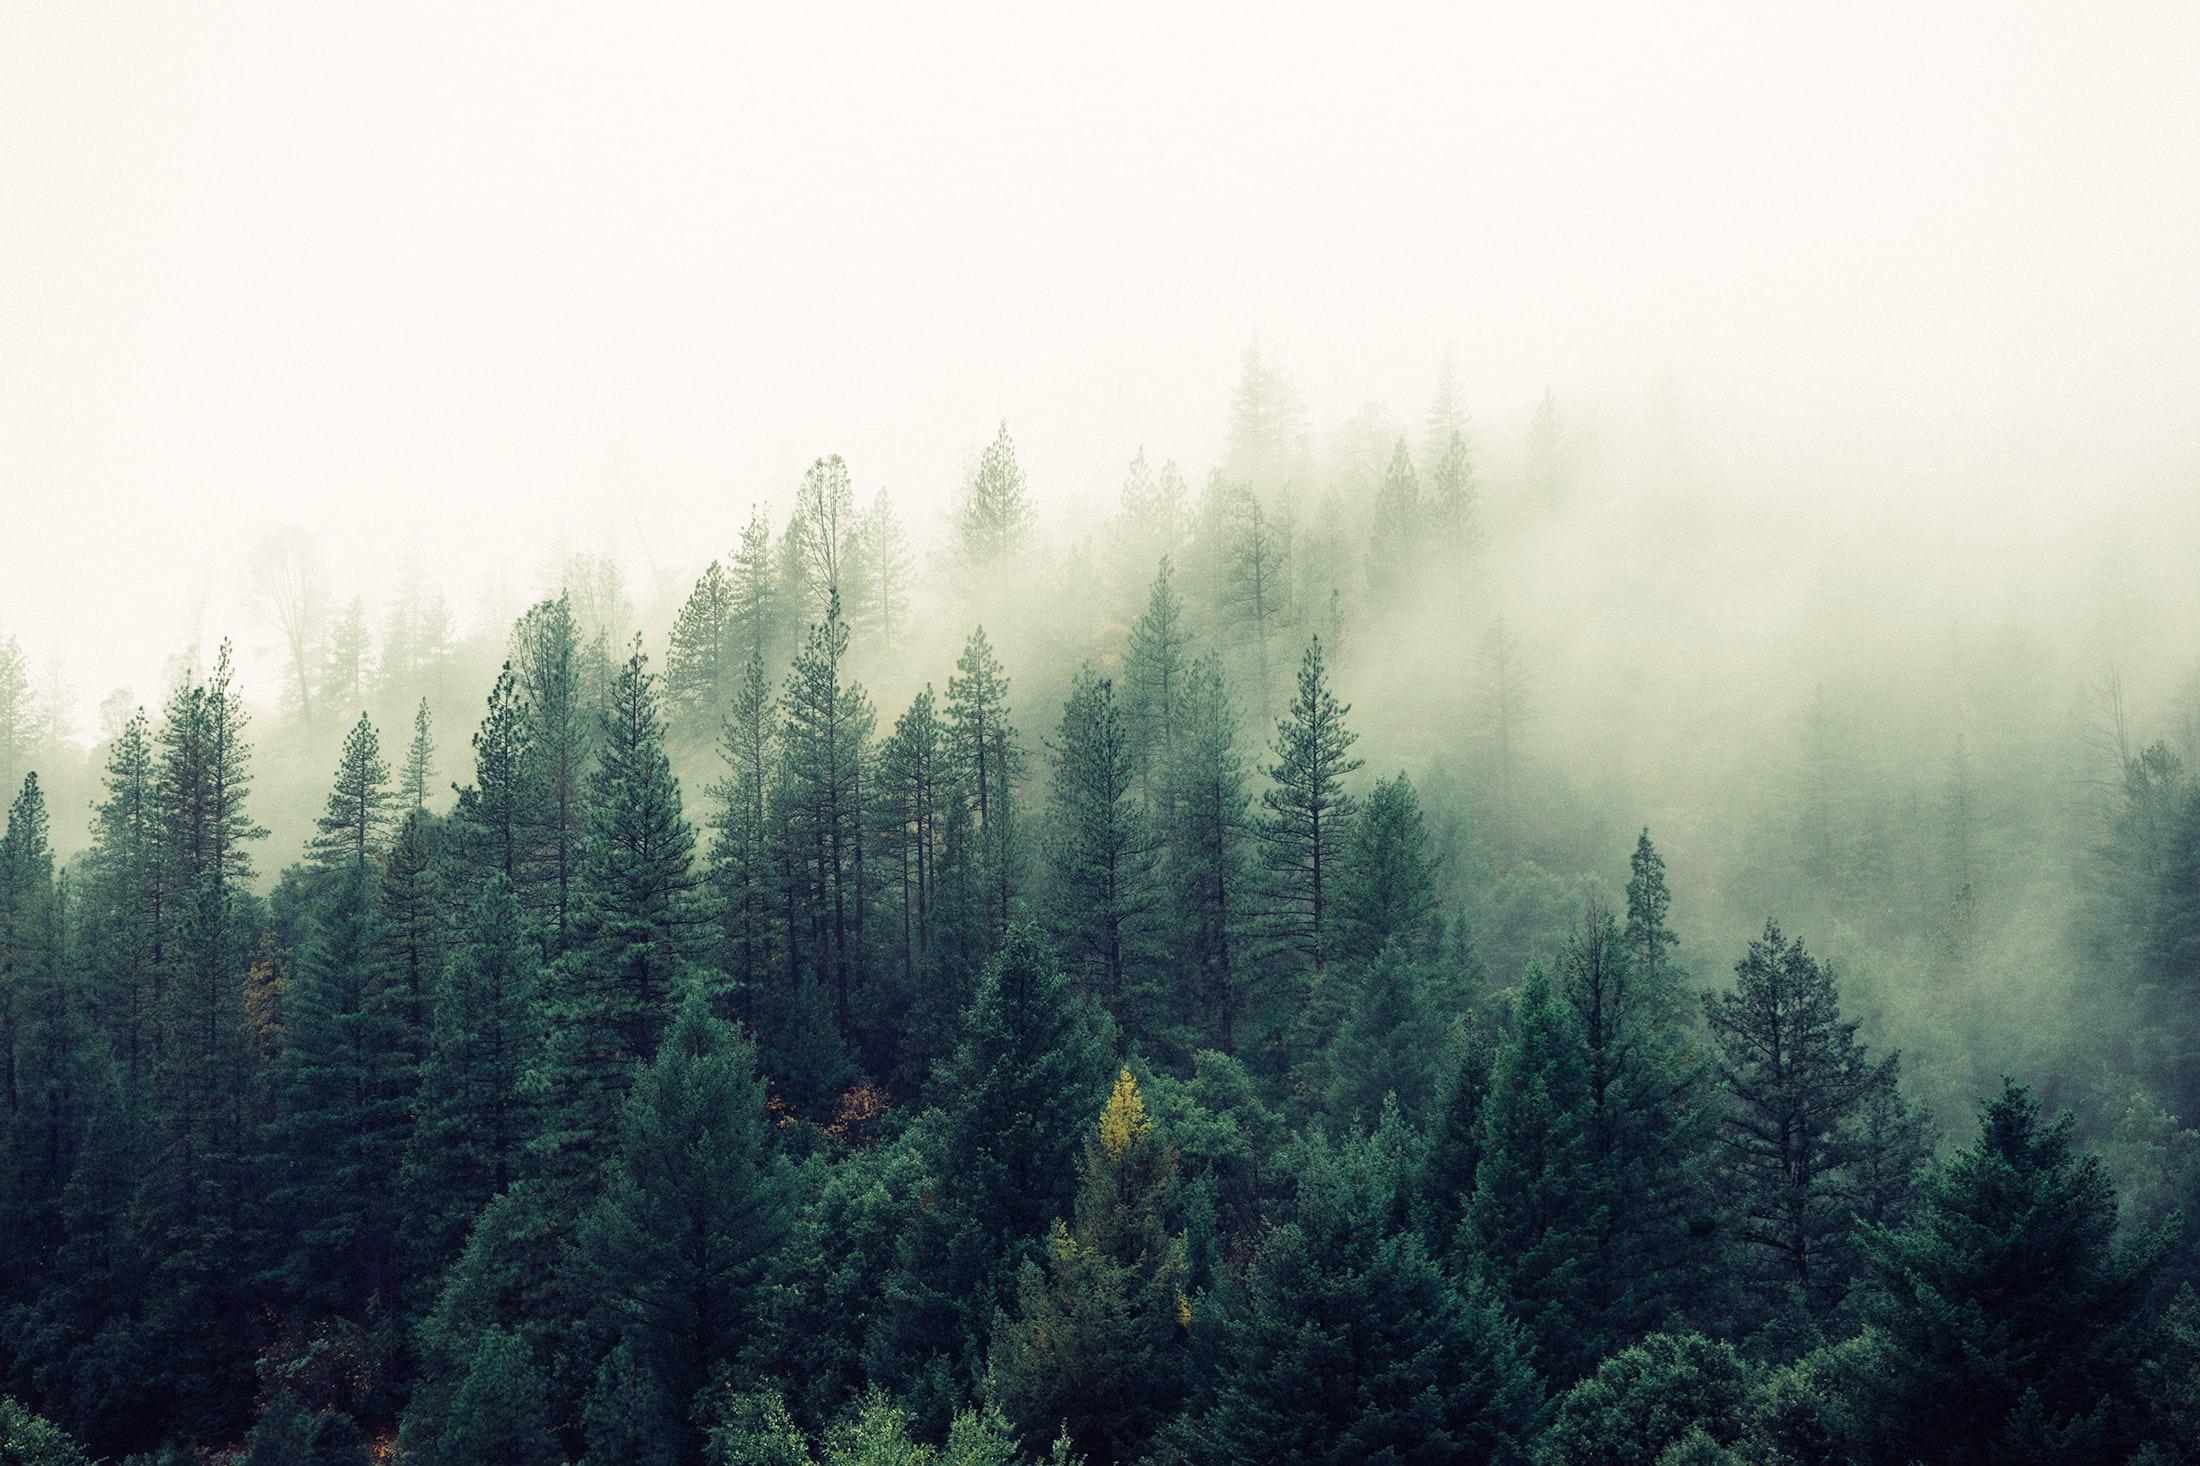 行路难,不在水,不在山,只在人情反覆间。